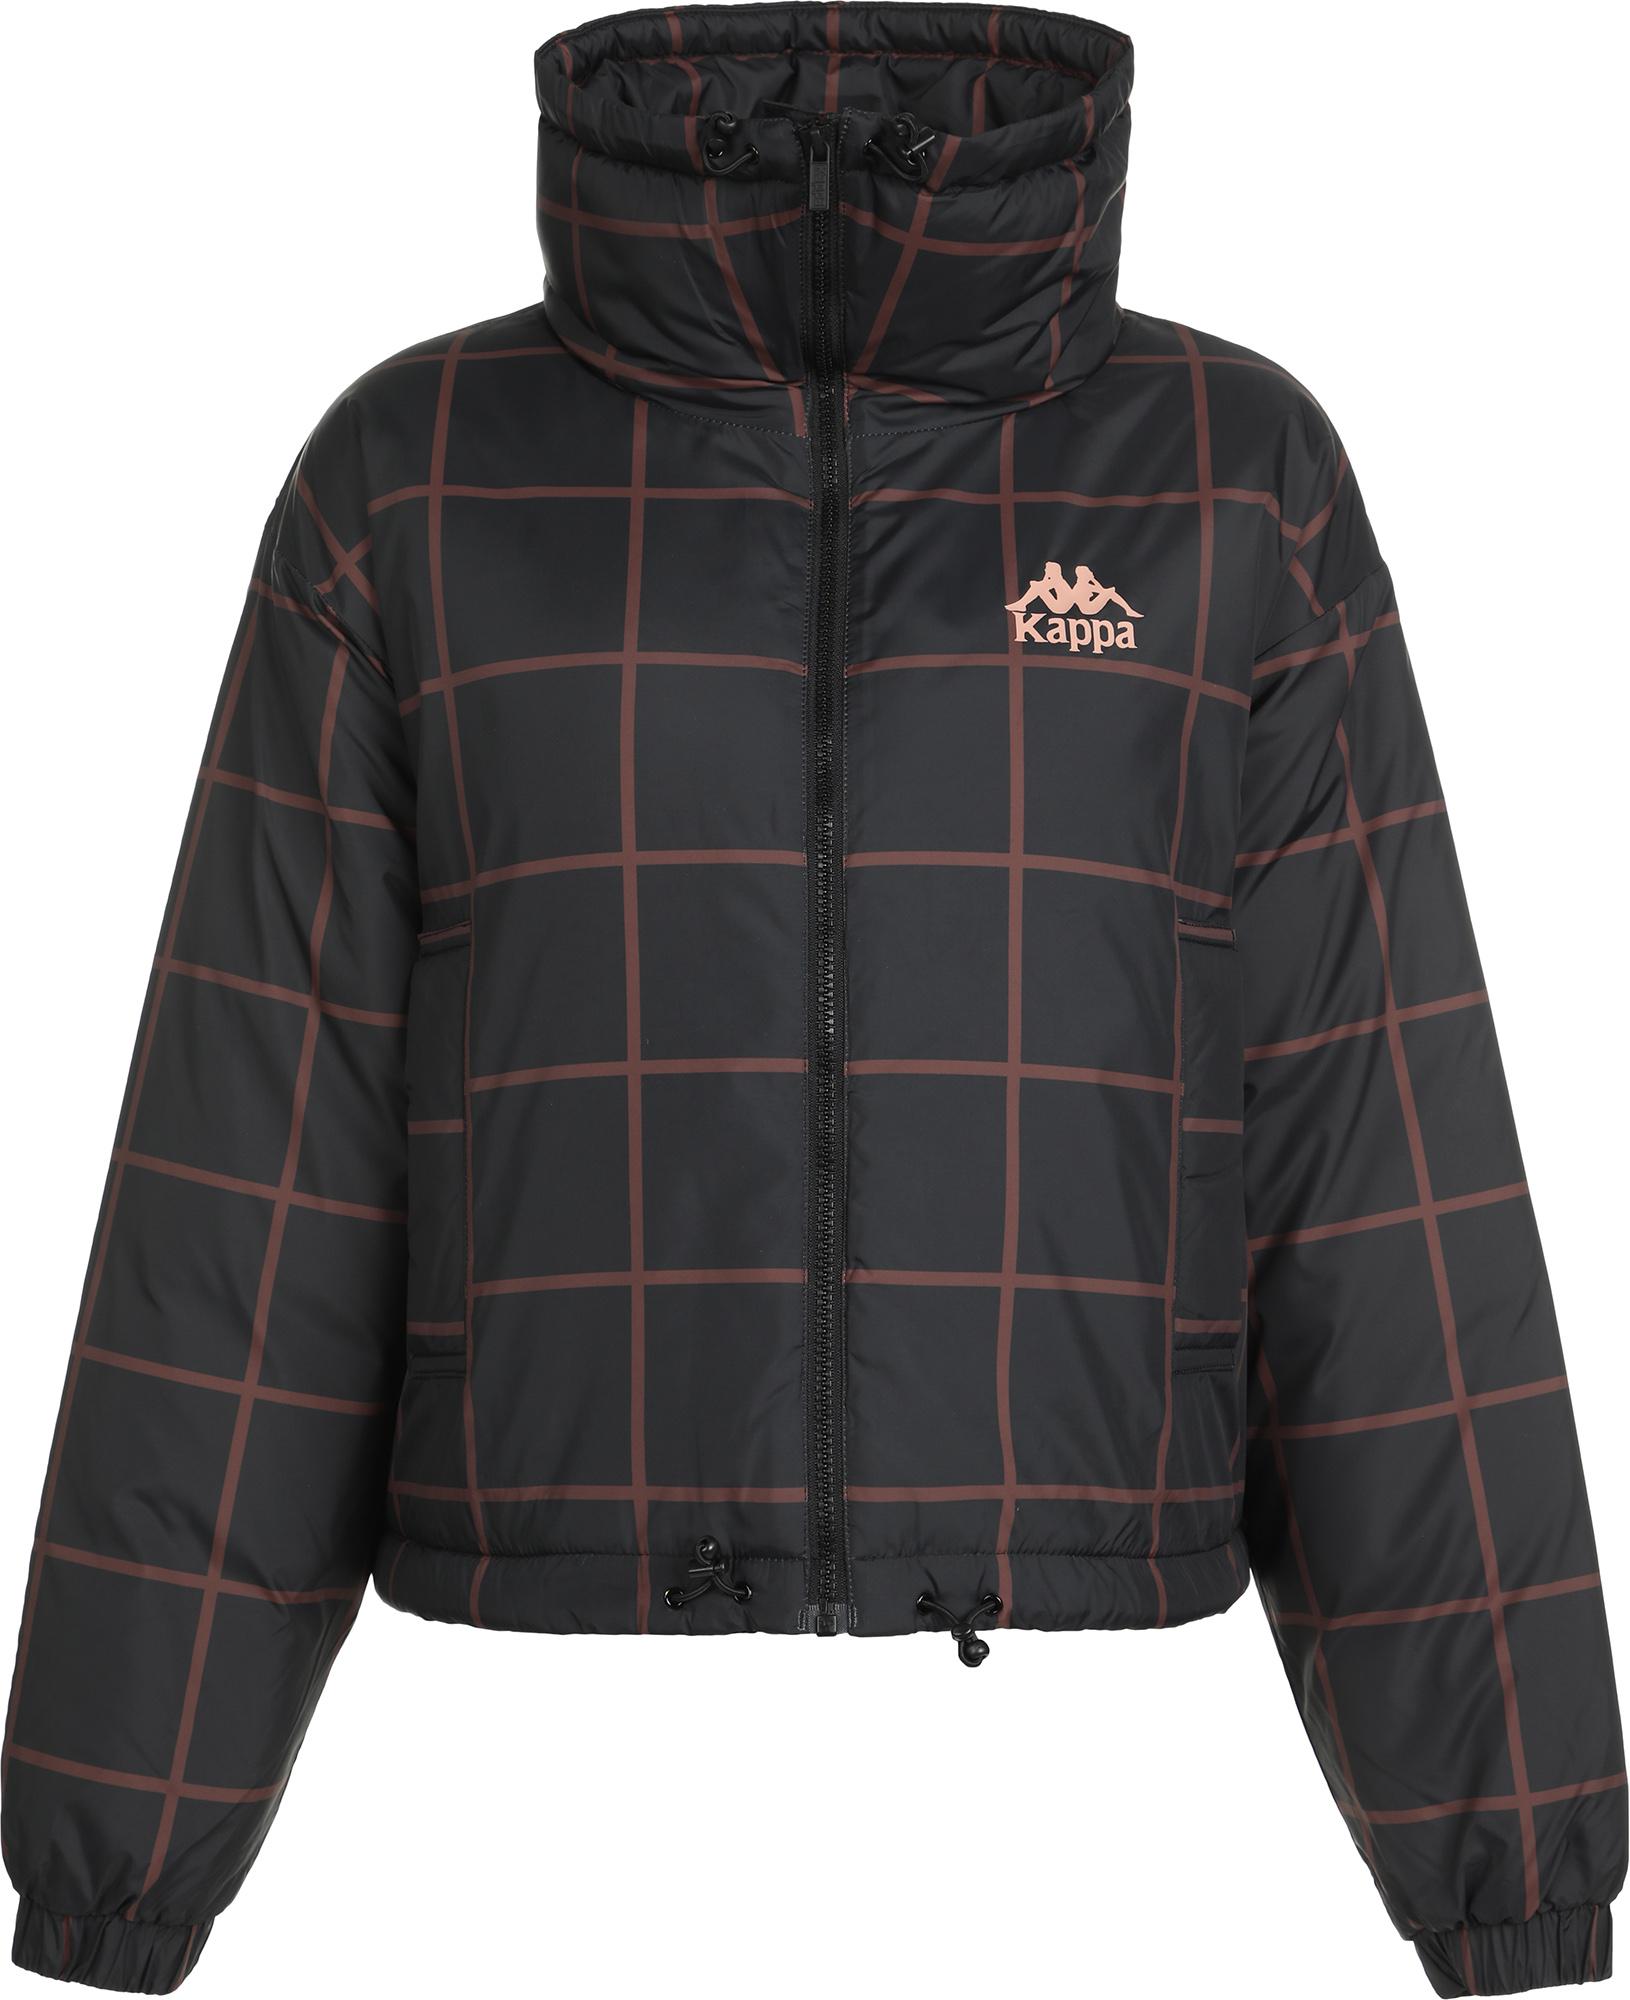 Kappa Куртка утепленная женская Kappa, размер 42-44 куртка женская elfina цвет черный 88057 100 размер 44